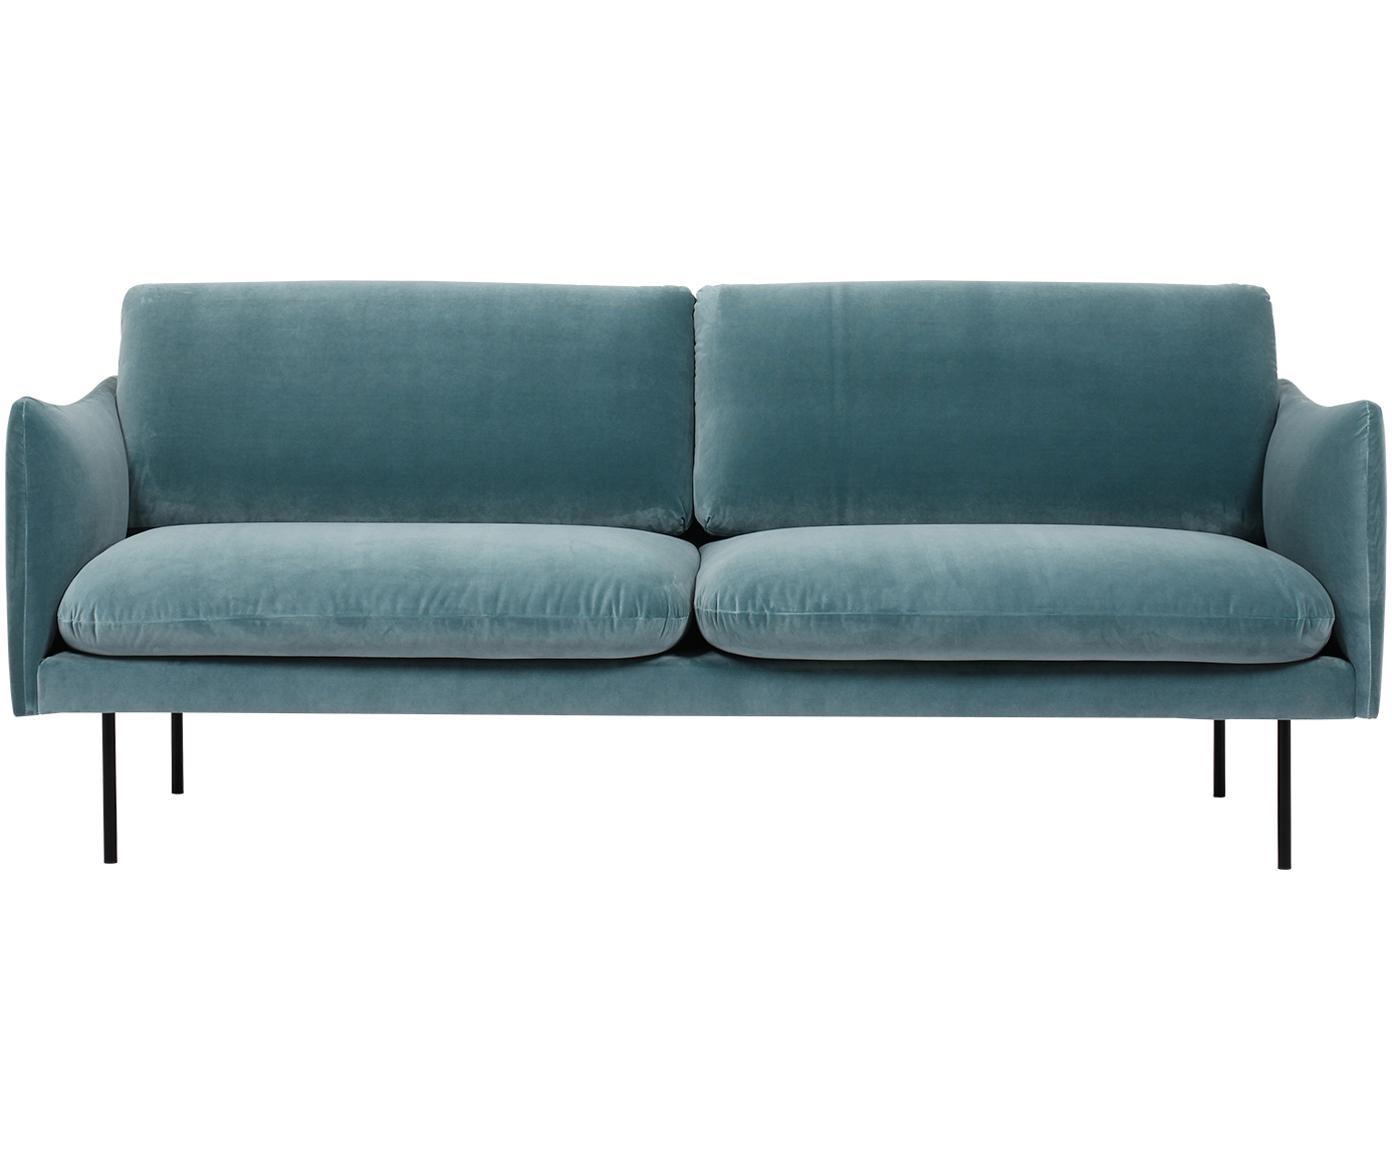 Fluwelen bank Moby (2-zits), Bekleding: fluweel (hoogwaardige pol, Frame: massief grenenhout, Poten: gepoedercoat metaal, Turquoise, B 170 x D 95 cm